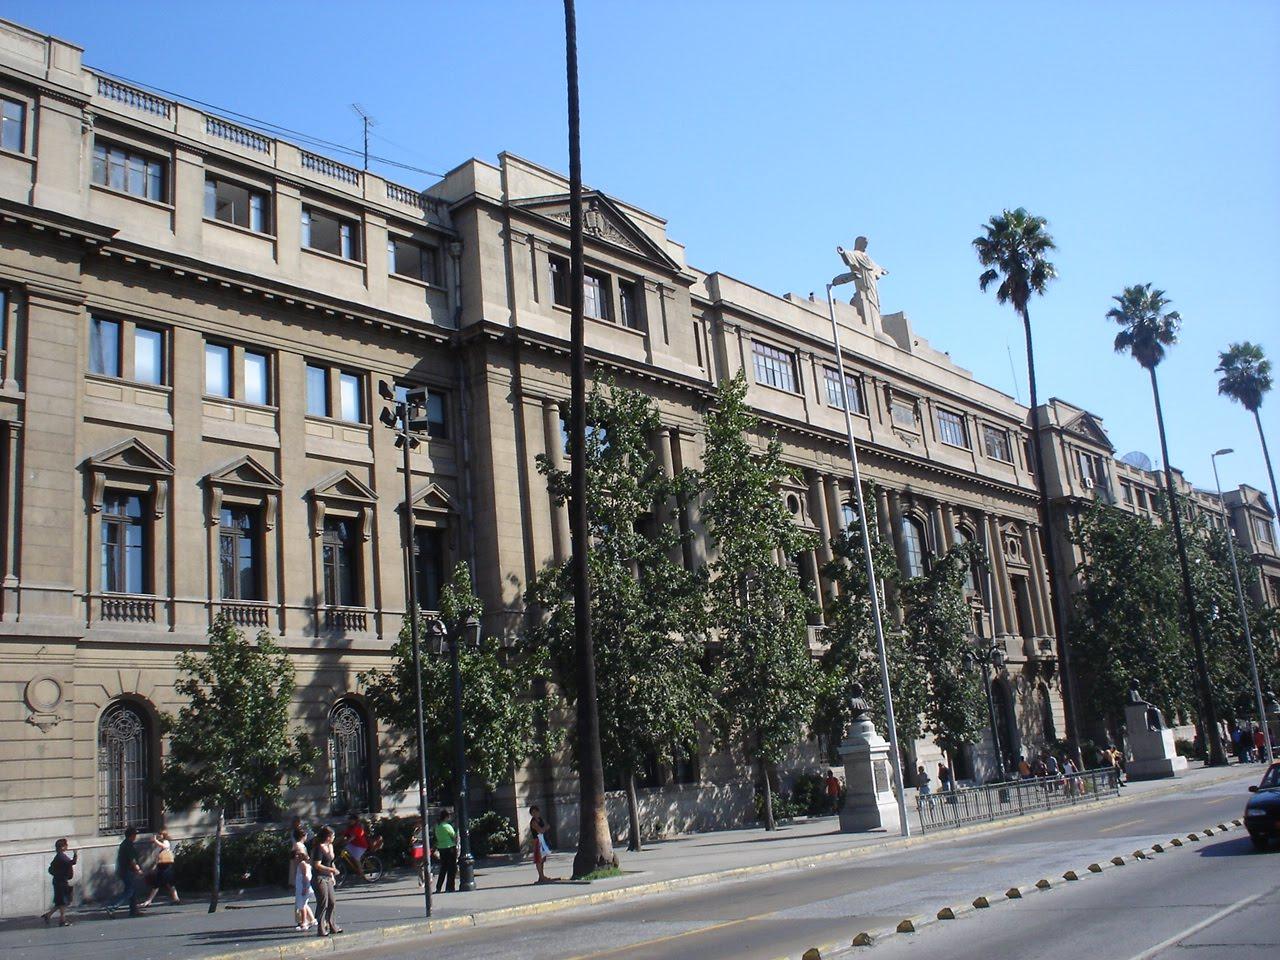 http://2.bp.blogspot.com/_n_Po0hW8s4E/TD9u8jmmI1I/AAAAAAAAAAU/yrwCp9YXwK4/s1600/20070130_Campus_Casa_Central_Pontificia_Universidad_Catolica_de_Chile.jpg